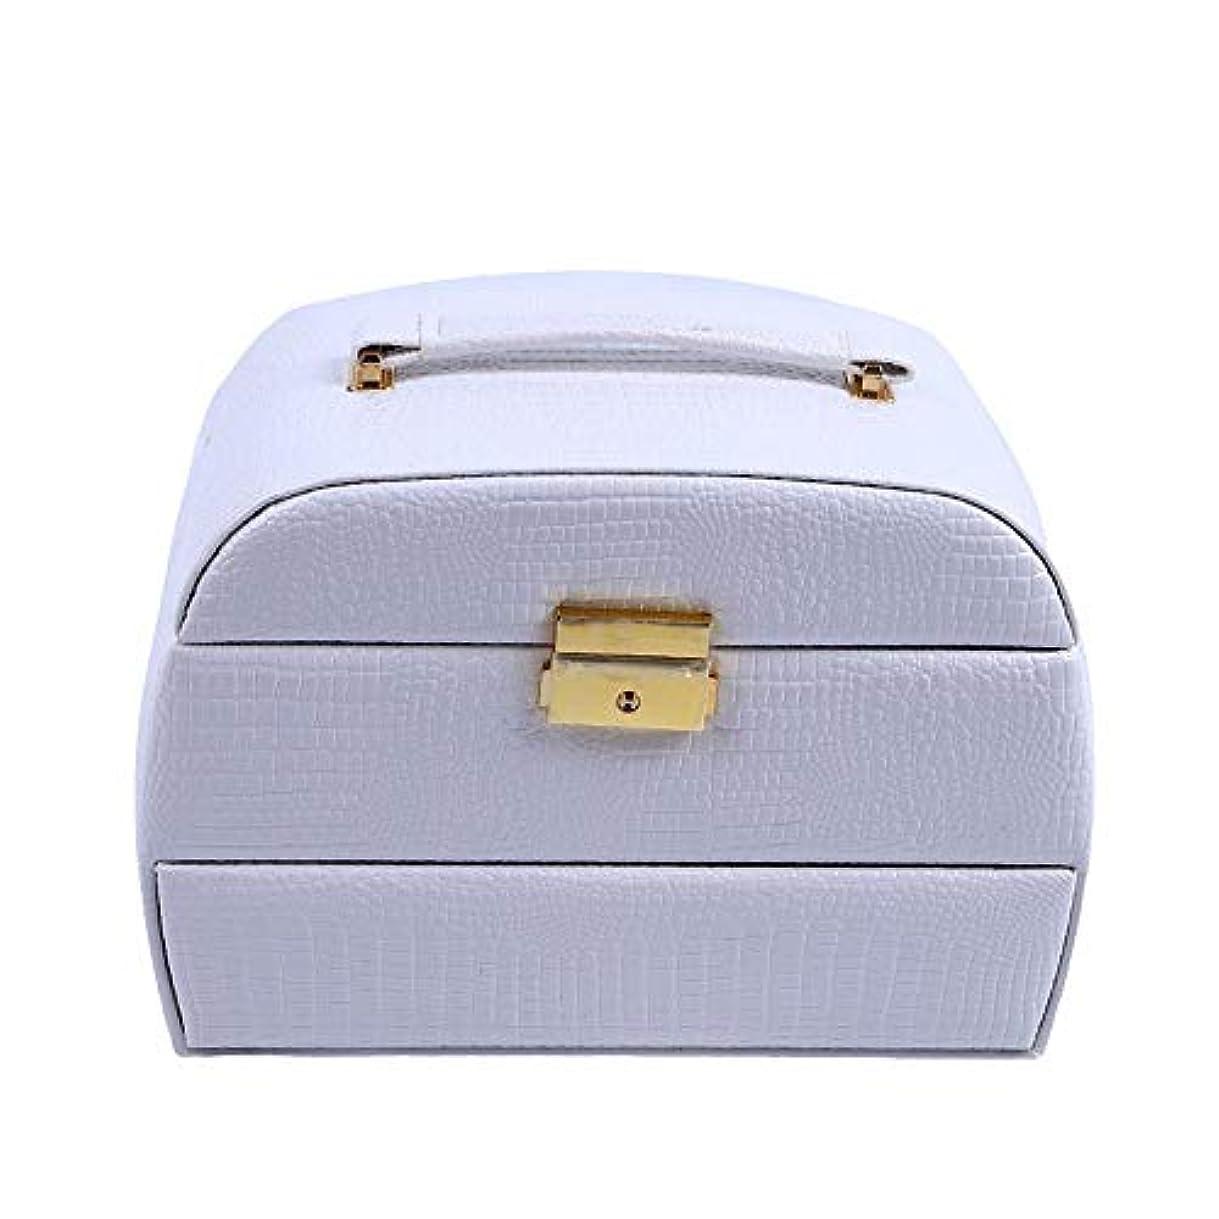 バンジージャンプ侵略宣言化粧オーガナイザーバッグ 美容メイクアップのための大容量ポータブル化粧ケース、女性化粧ミラー付きのロック付き女性旅行と毎日の保管 化粧品ケース